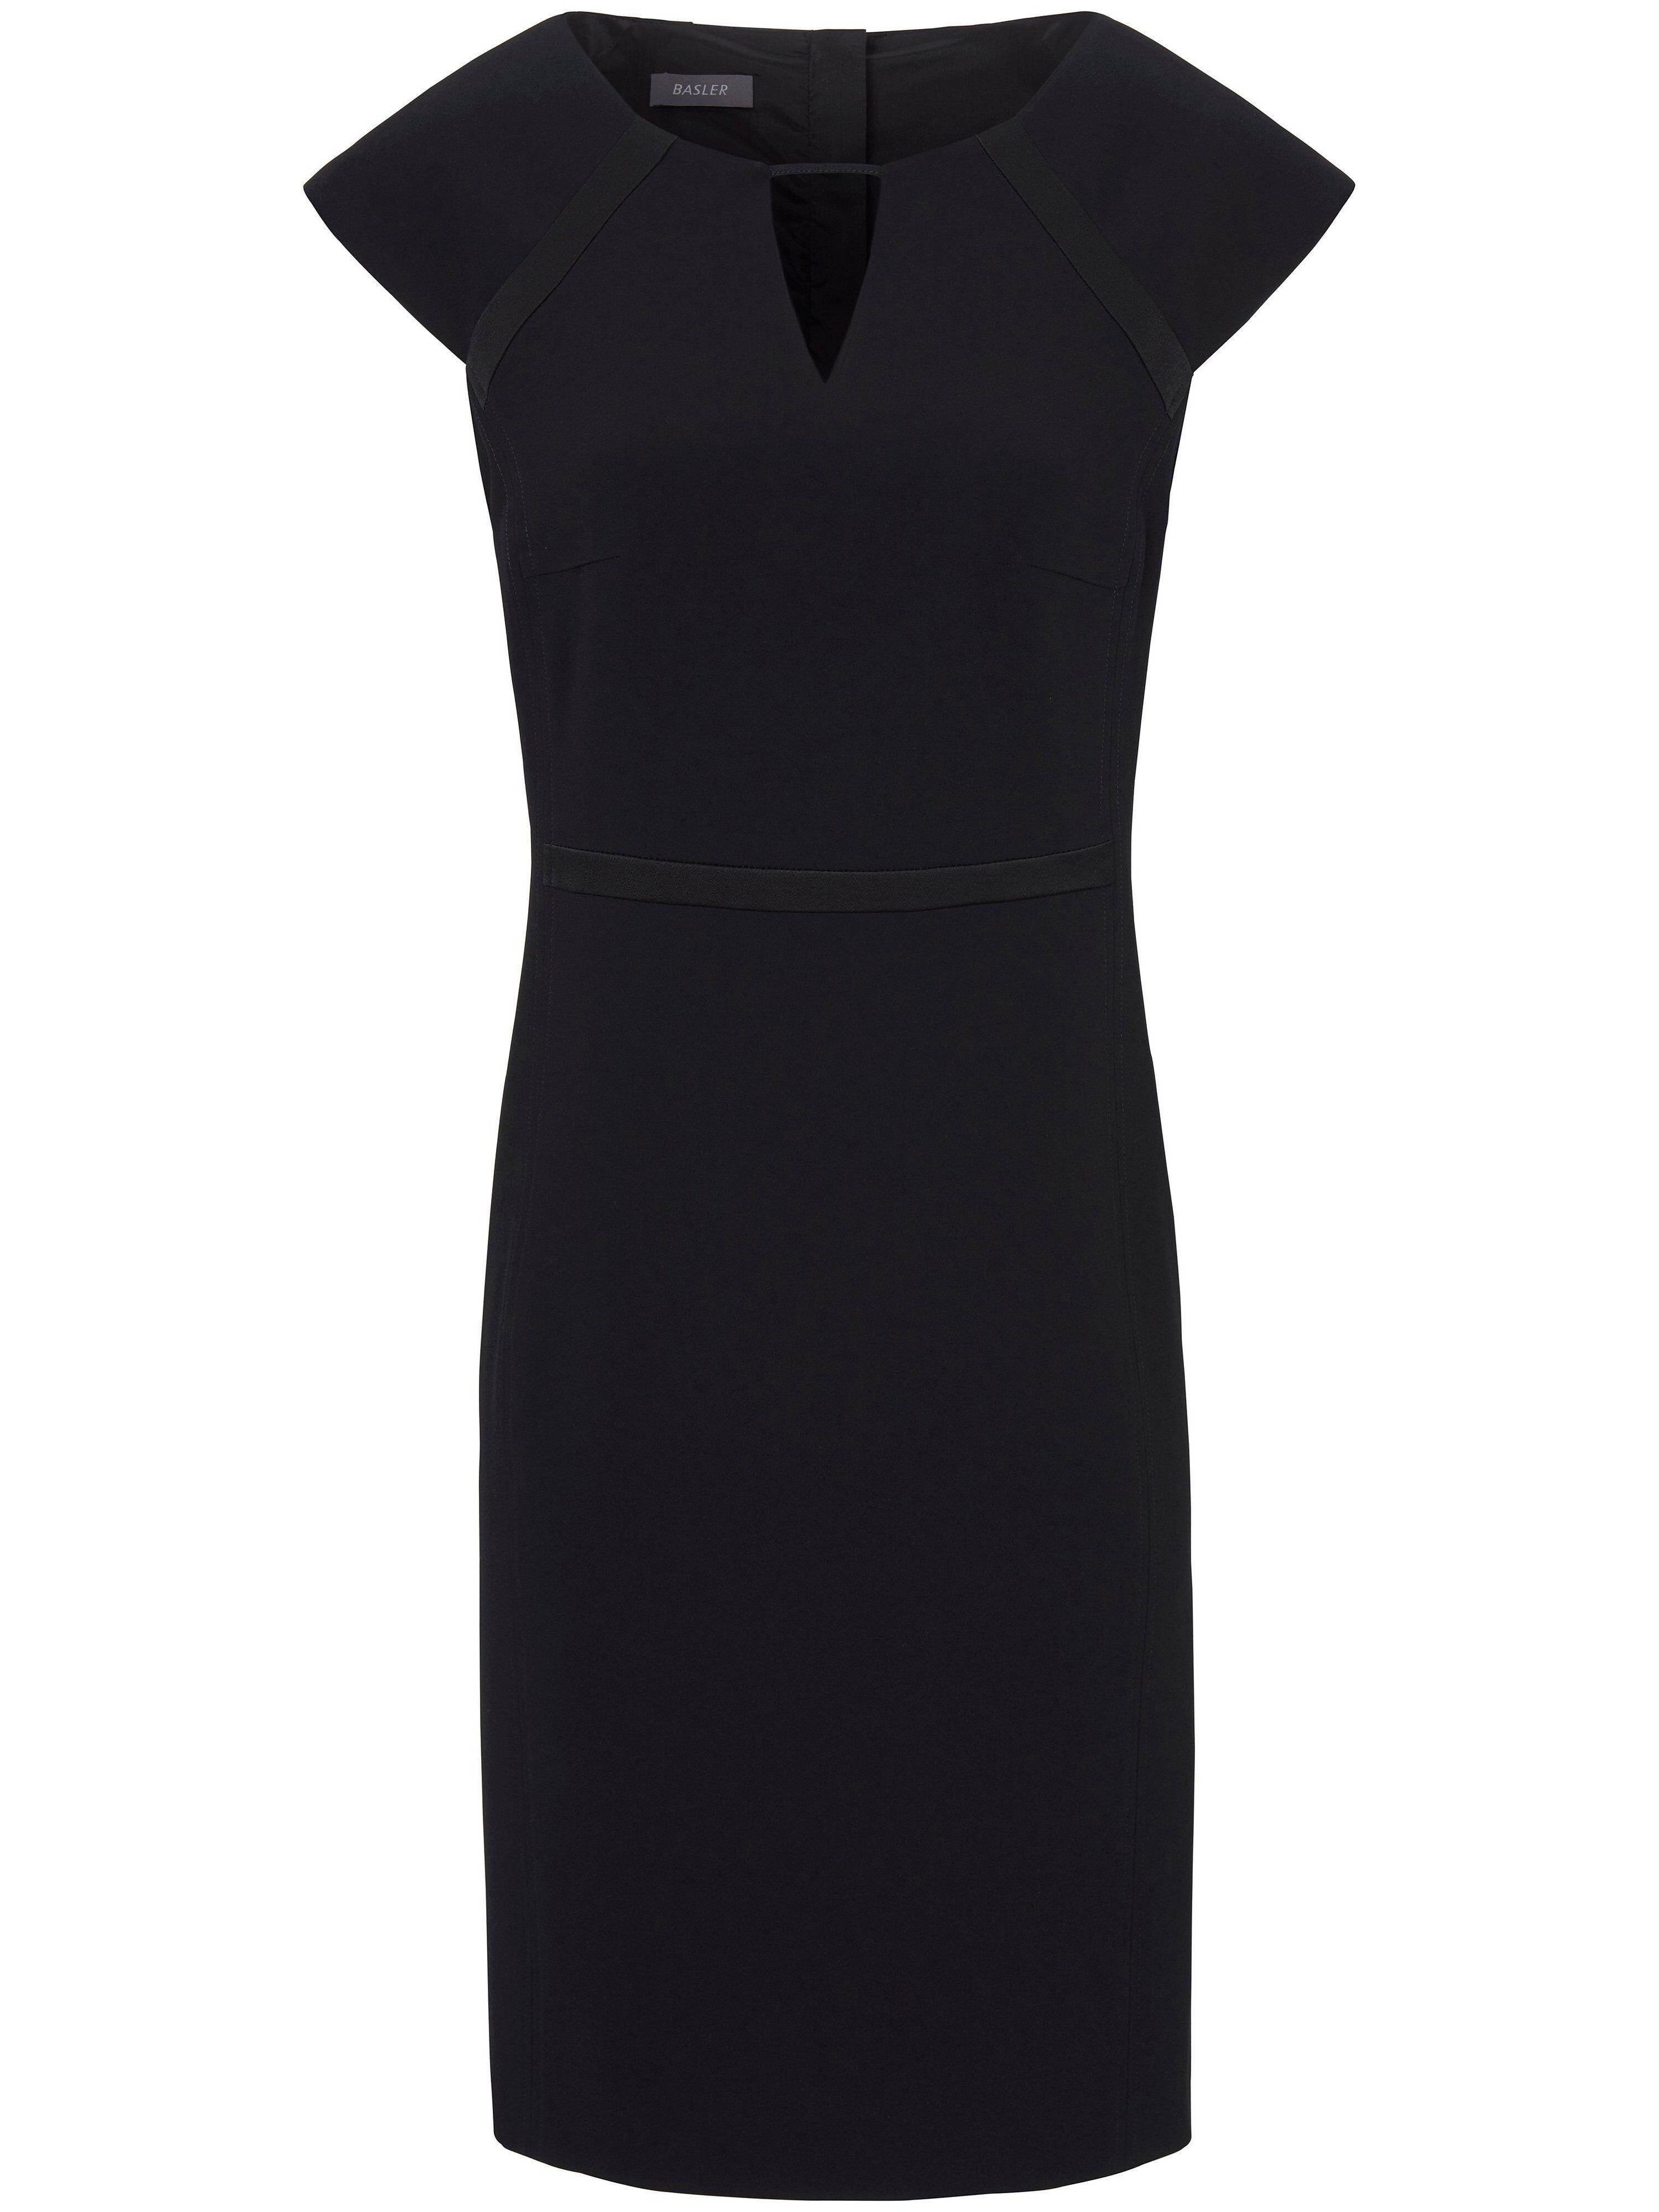 Basler La robe ligne crayon  Basler noir  - Femme - 42